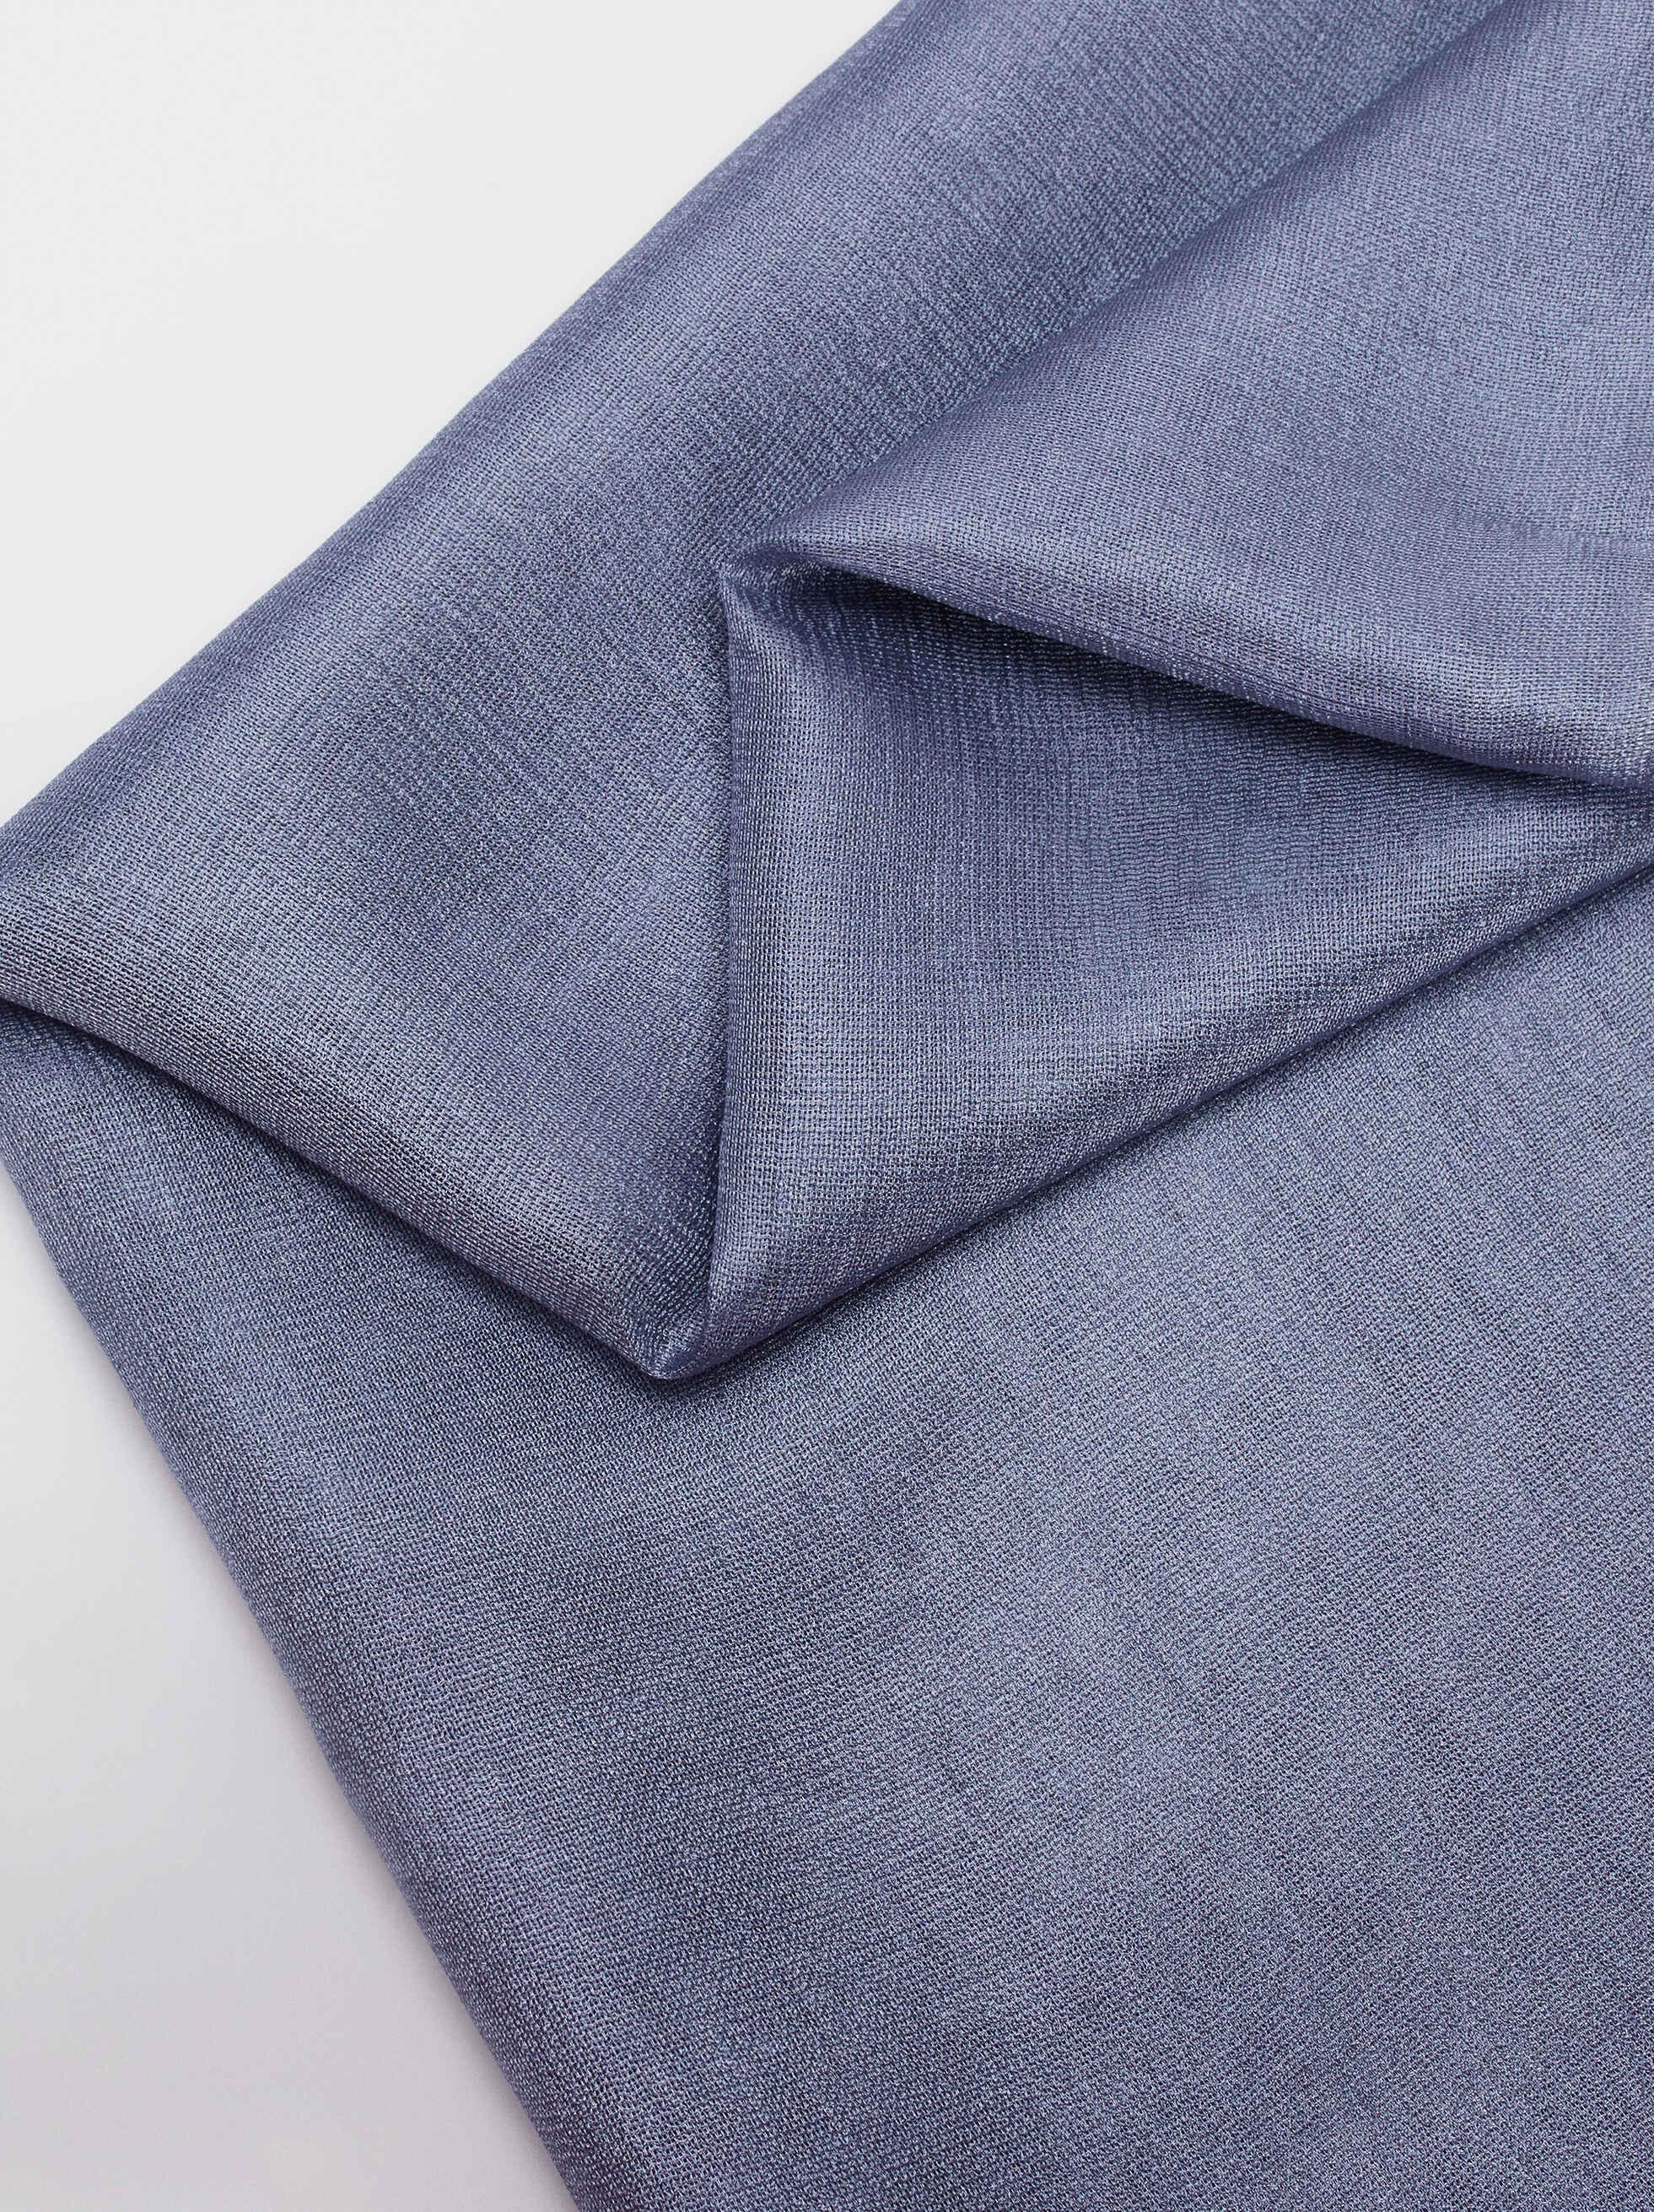 Pañuelo De Ceremonia Básico, Azul, hi-res